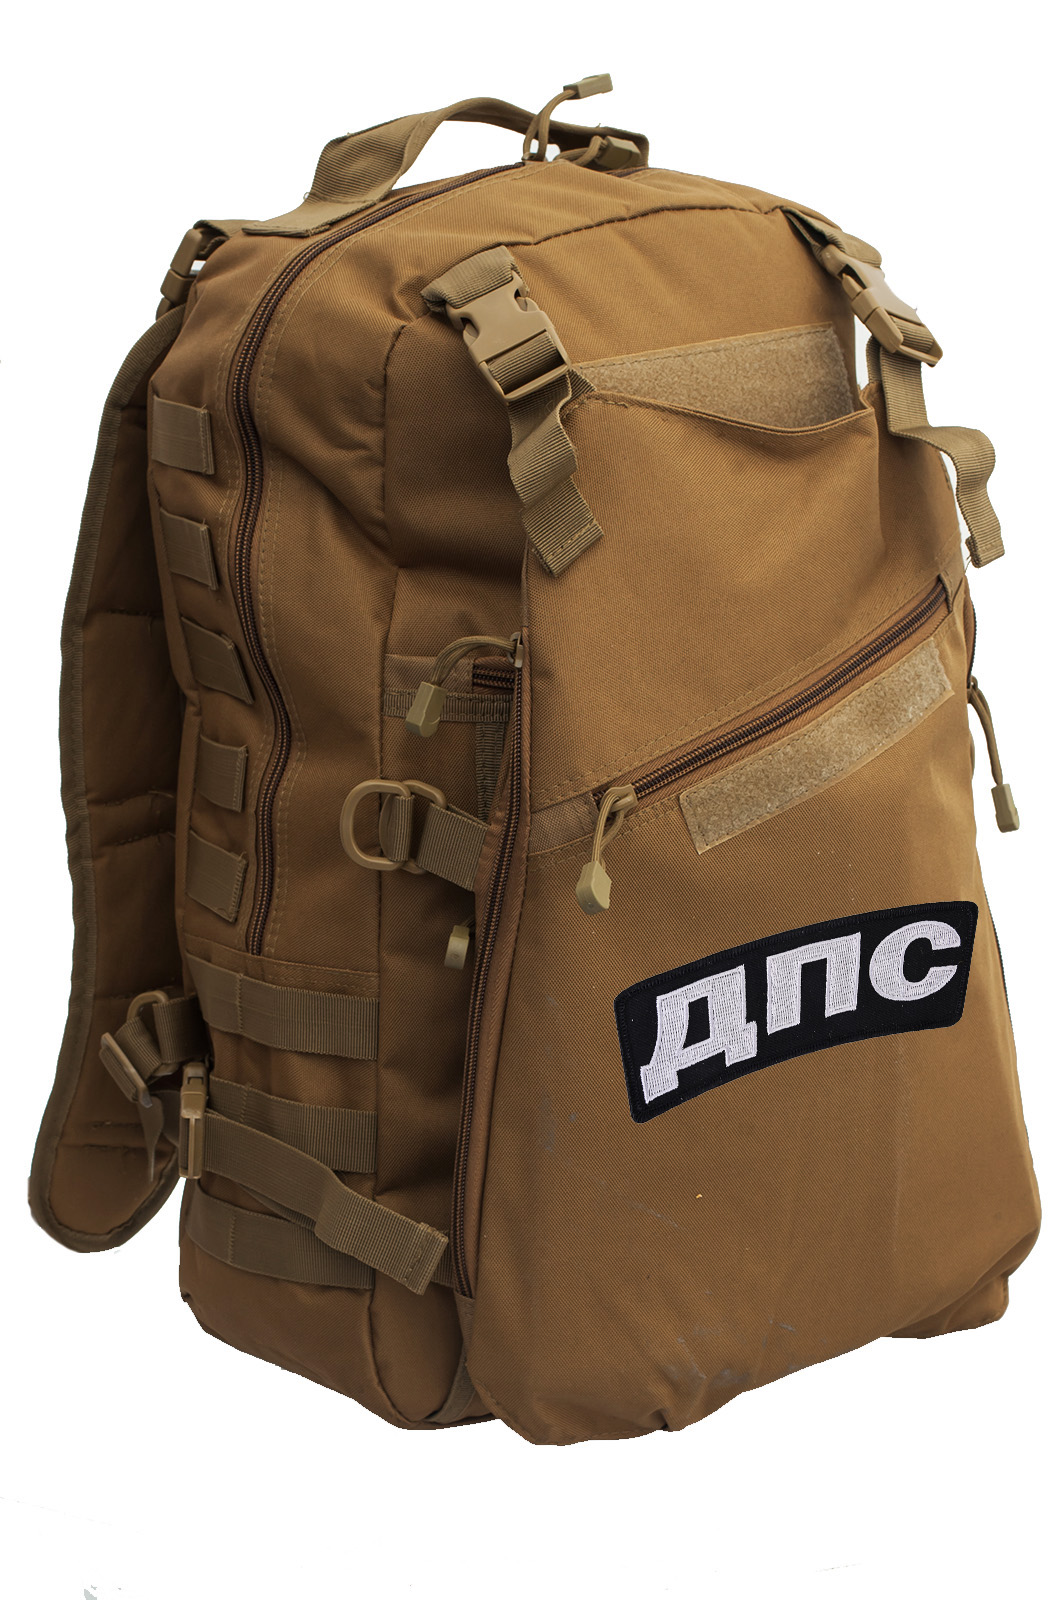 Армейский рейдовый рюкзак с нашивкой ДПС - заказать онлайн